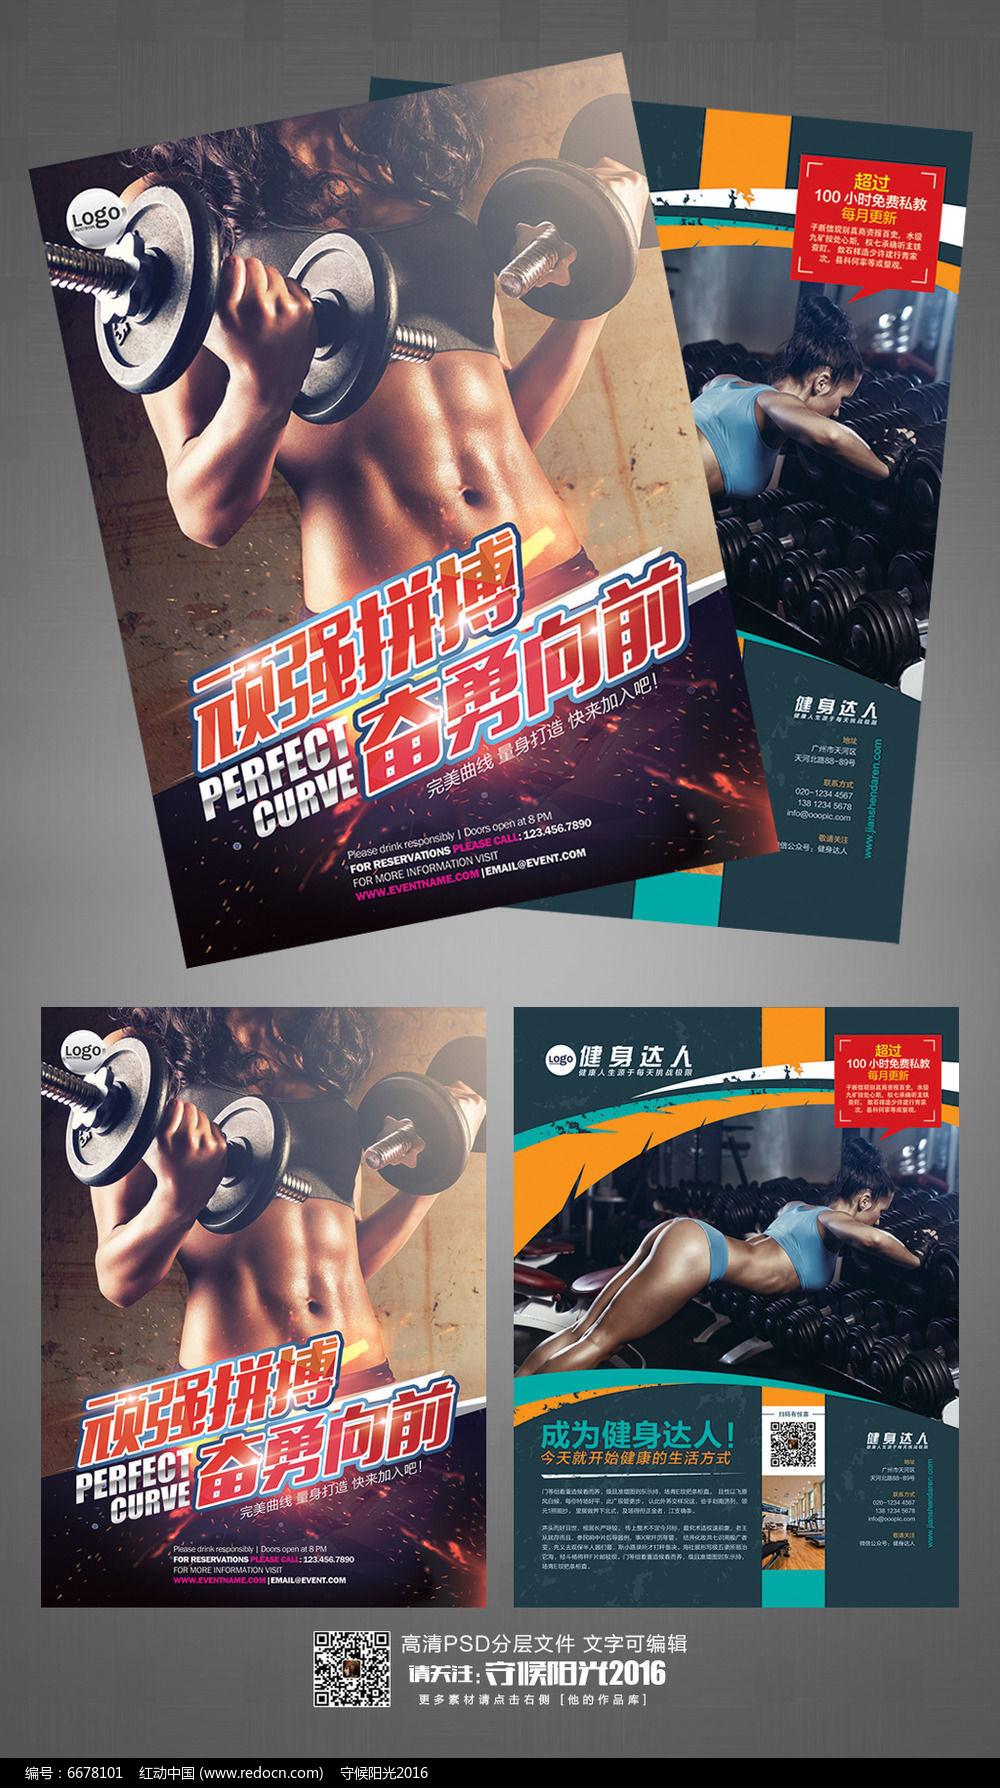 顽强拼搏青春正能量健身宣传单设计图片